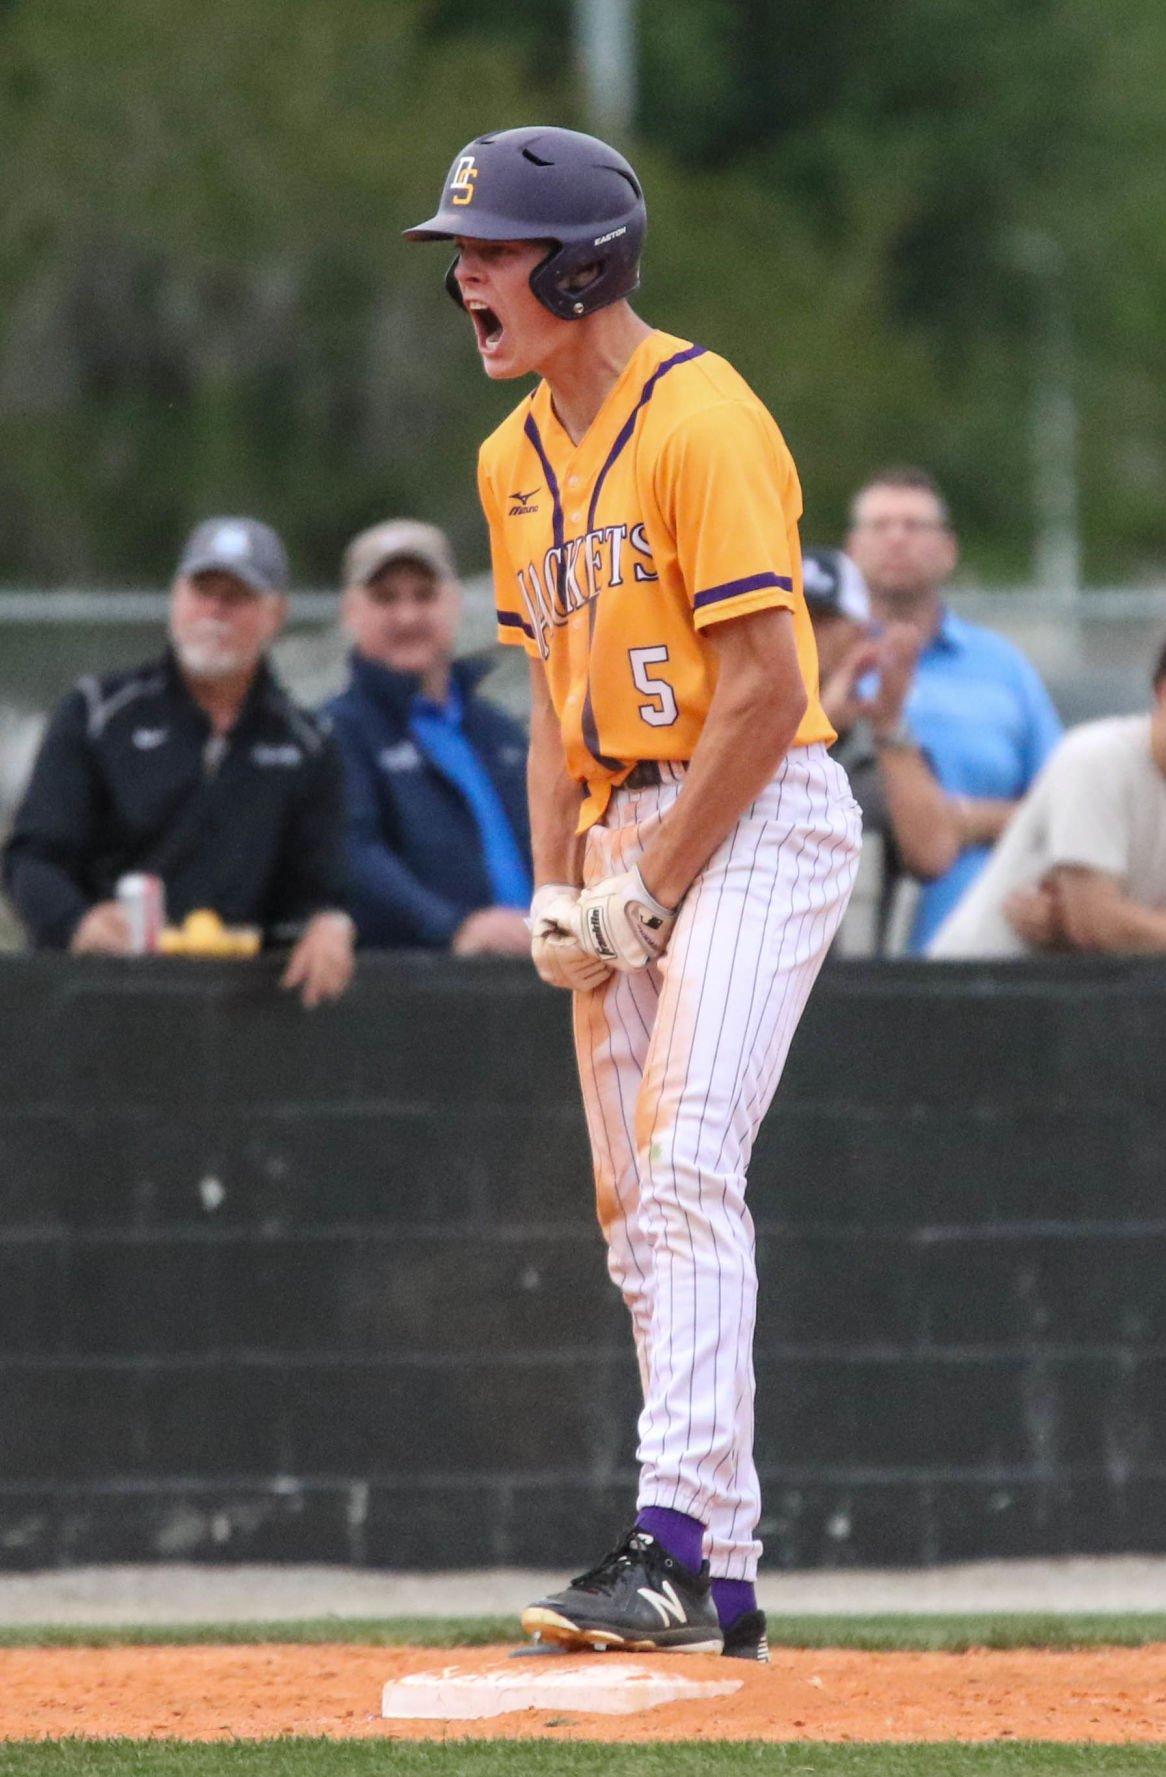 Mandeville vs Denham baseball: Tyler Evans